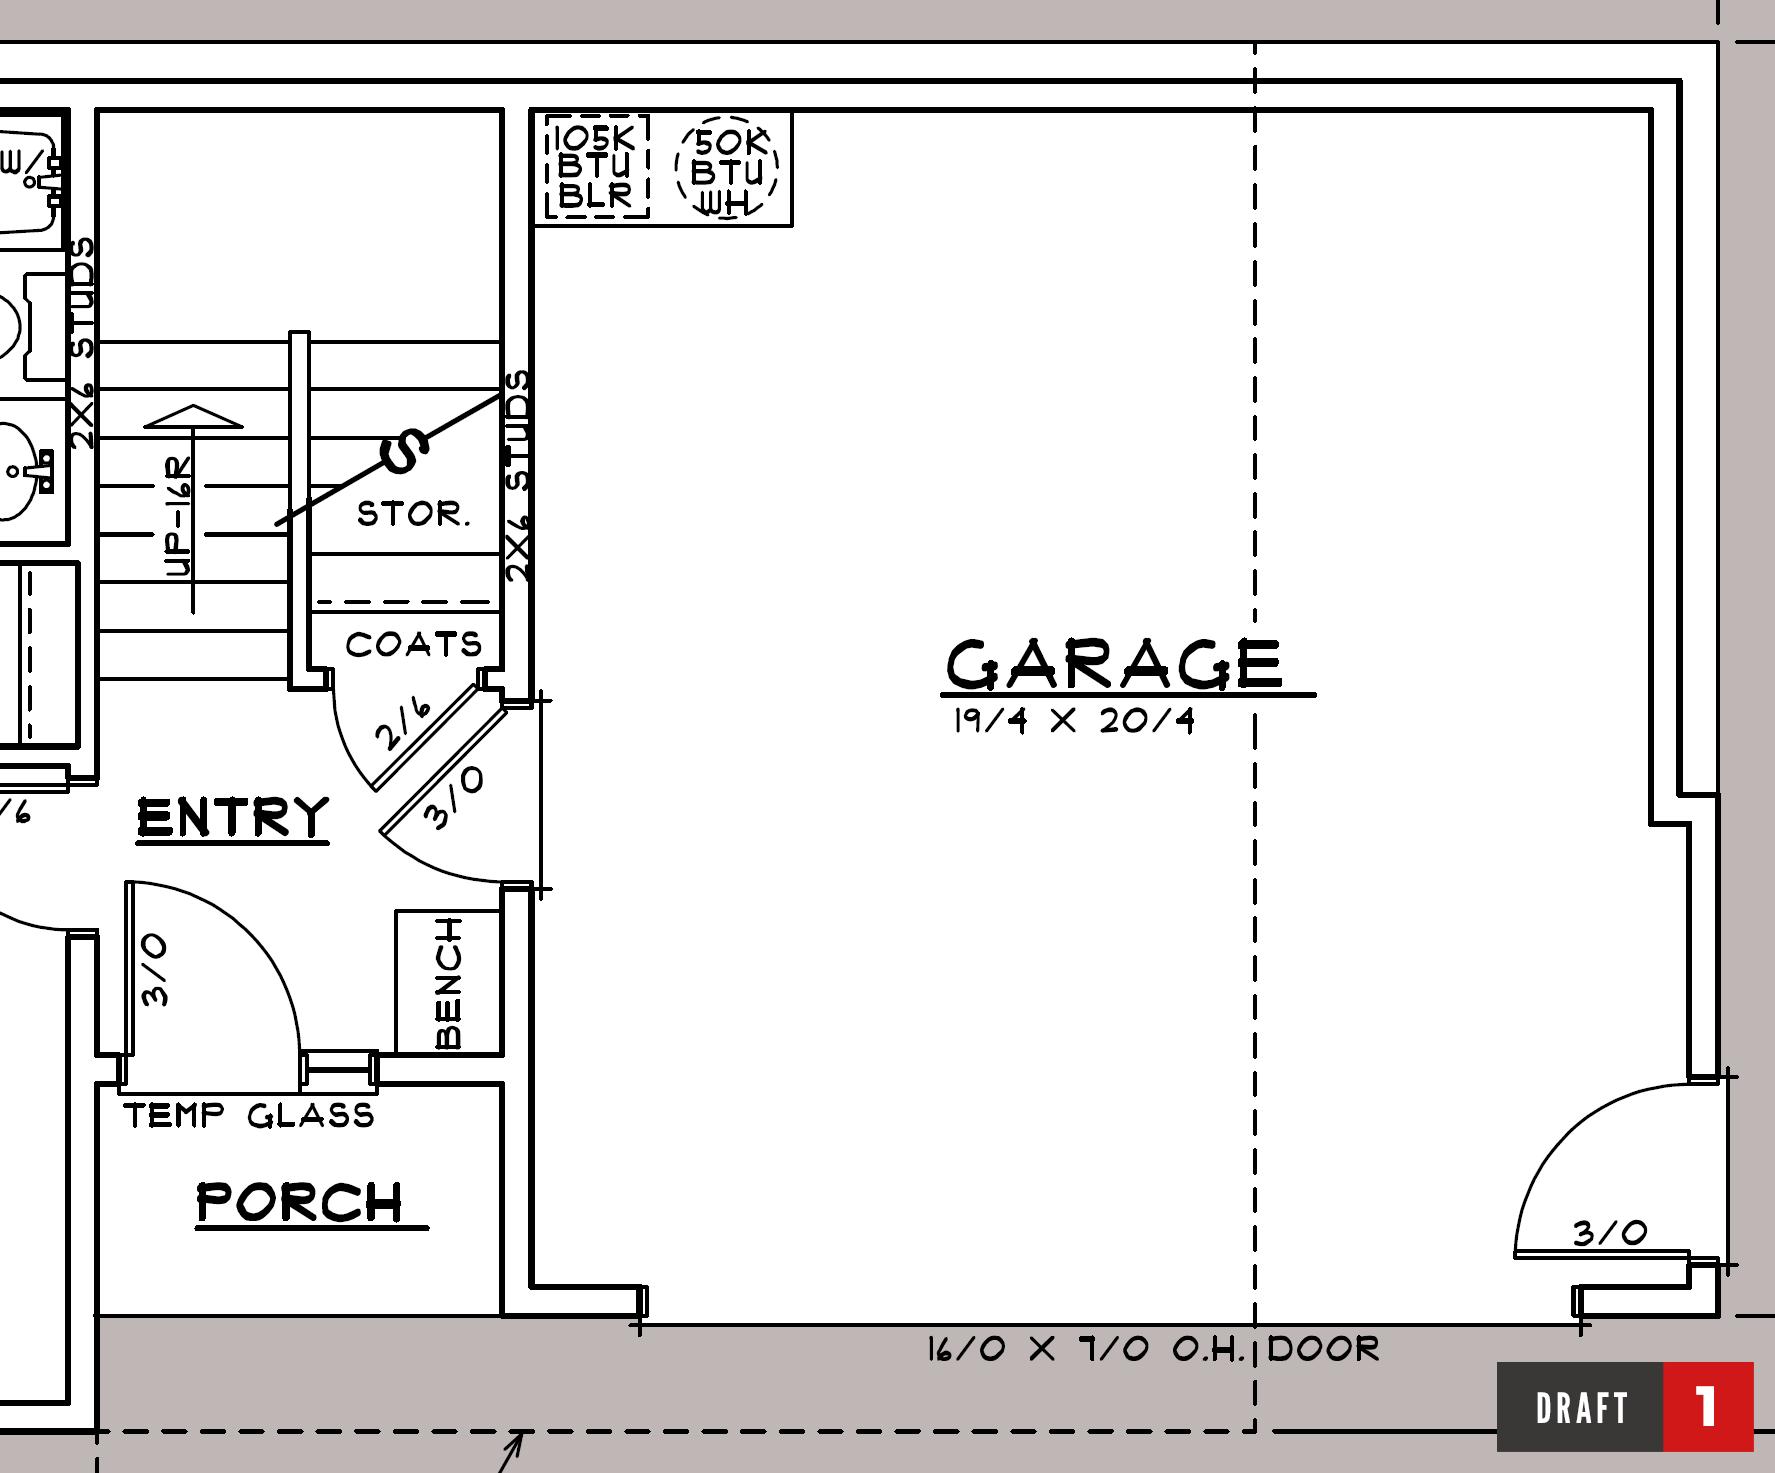 AK House Project plan detail